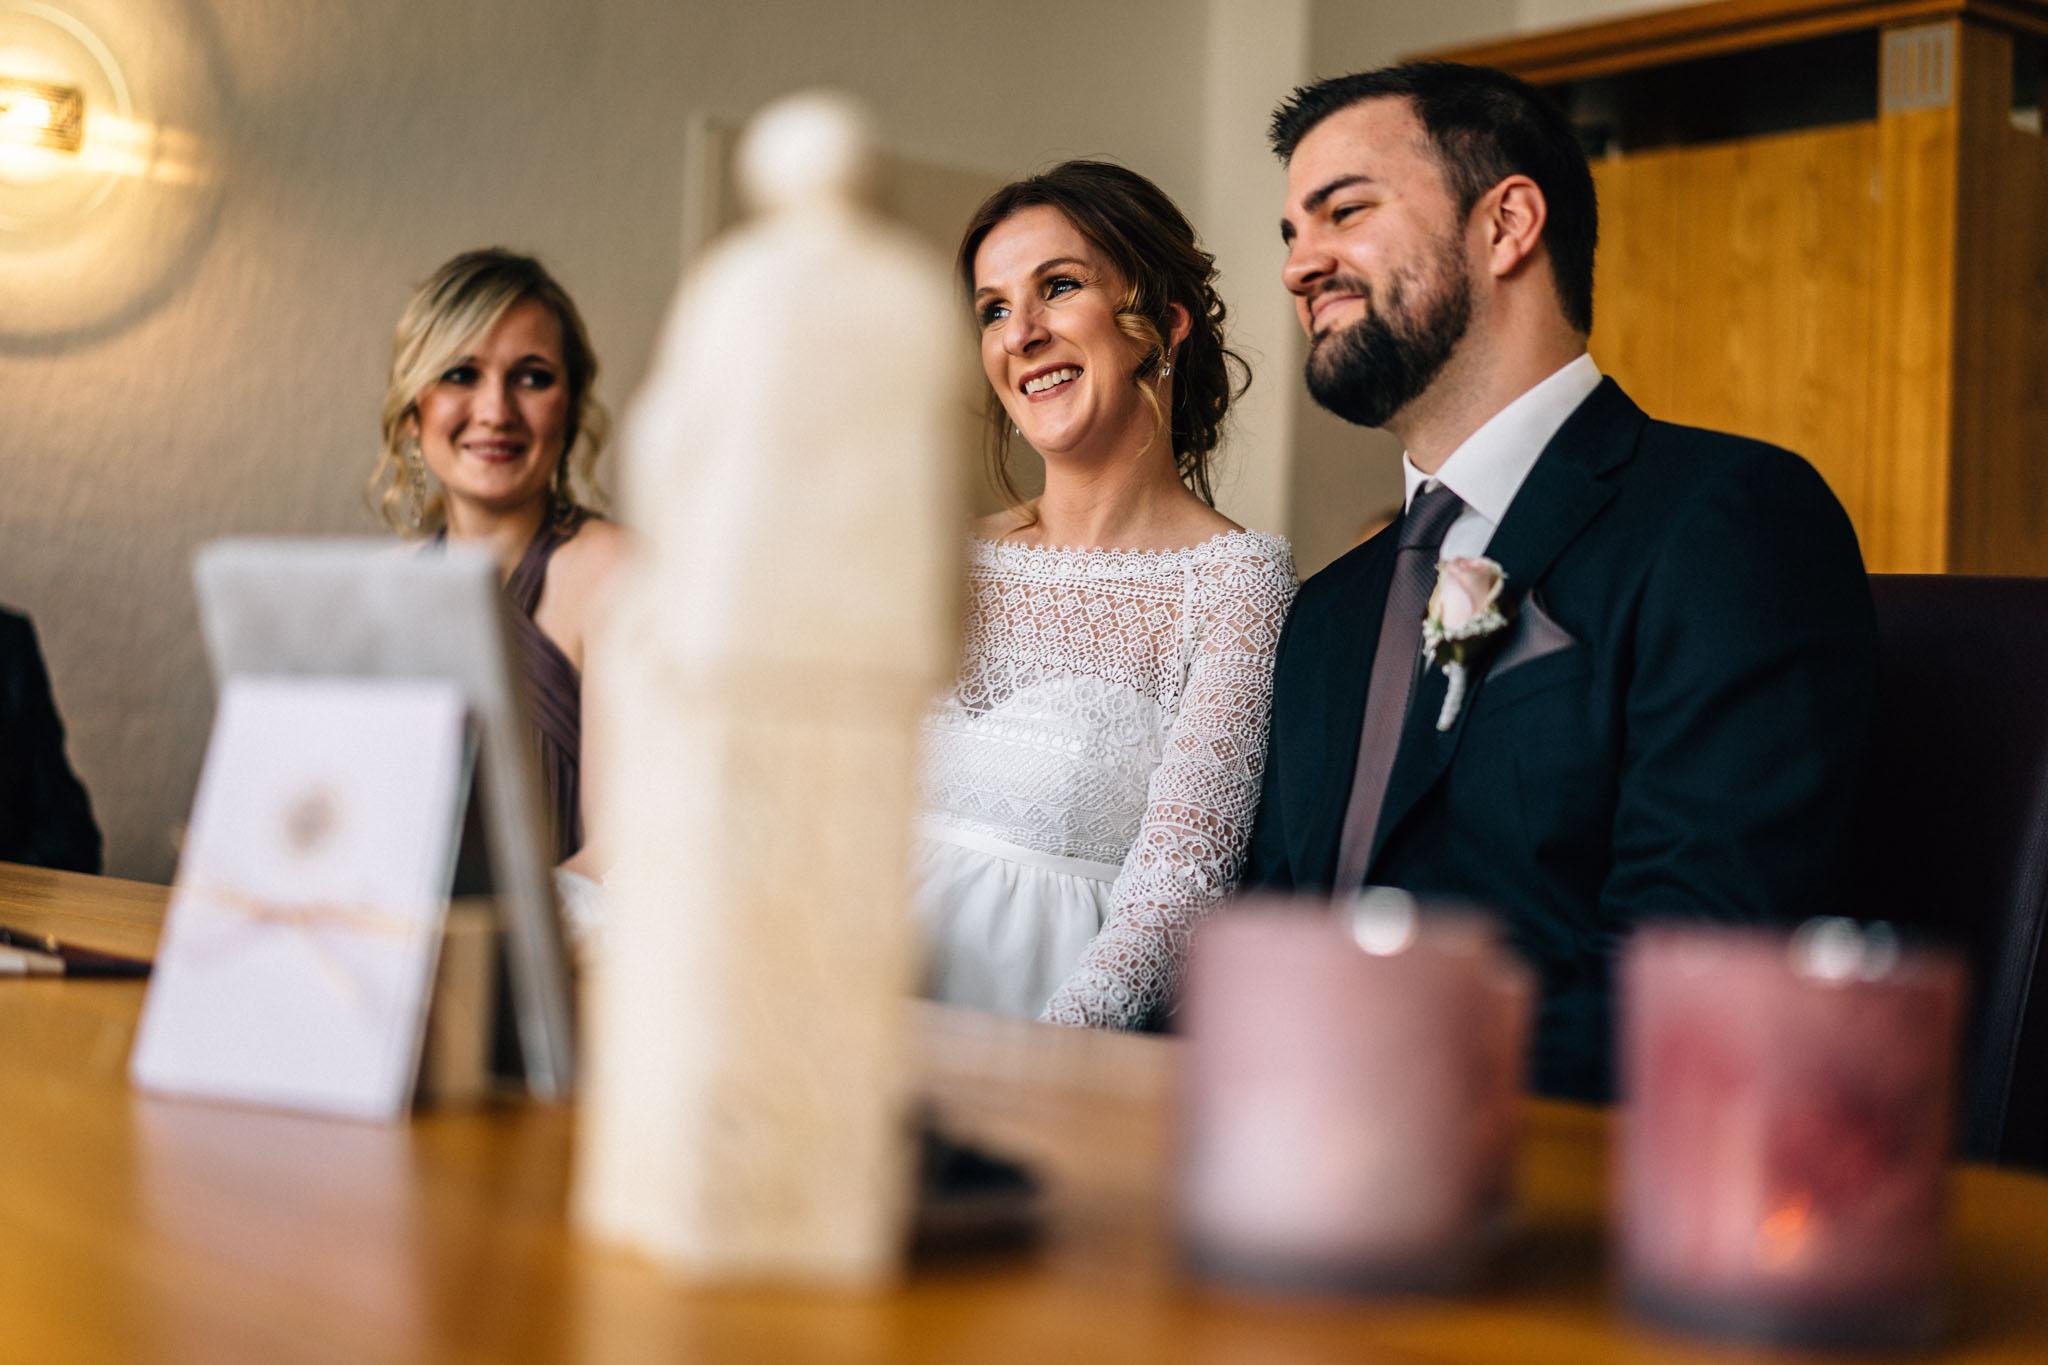 Hochzeitsfotograf Owl Maik Molkentin Grote Naturlich Authentisch